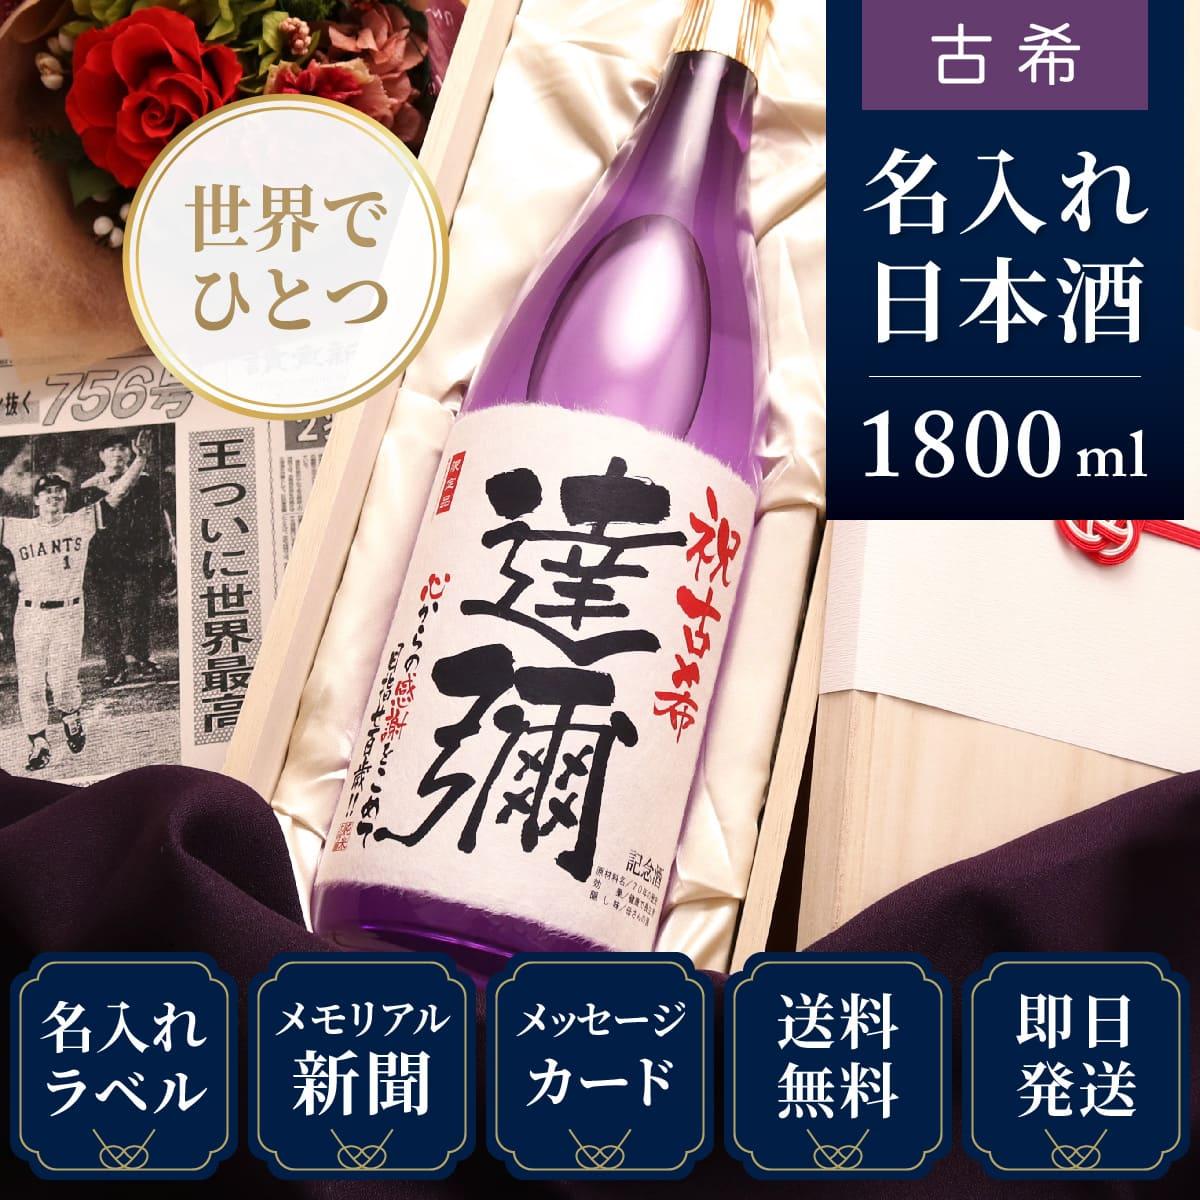 古希のプレゼント「紫龍」父親向け贈り物(日本酒)